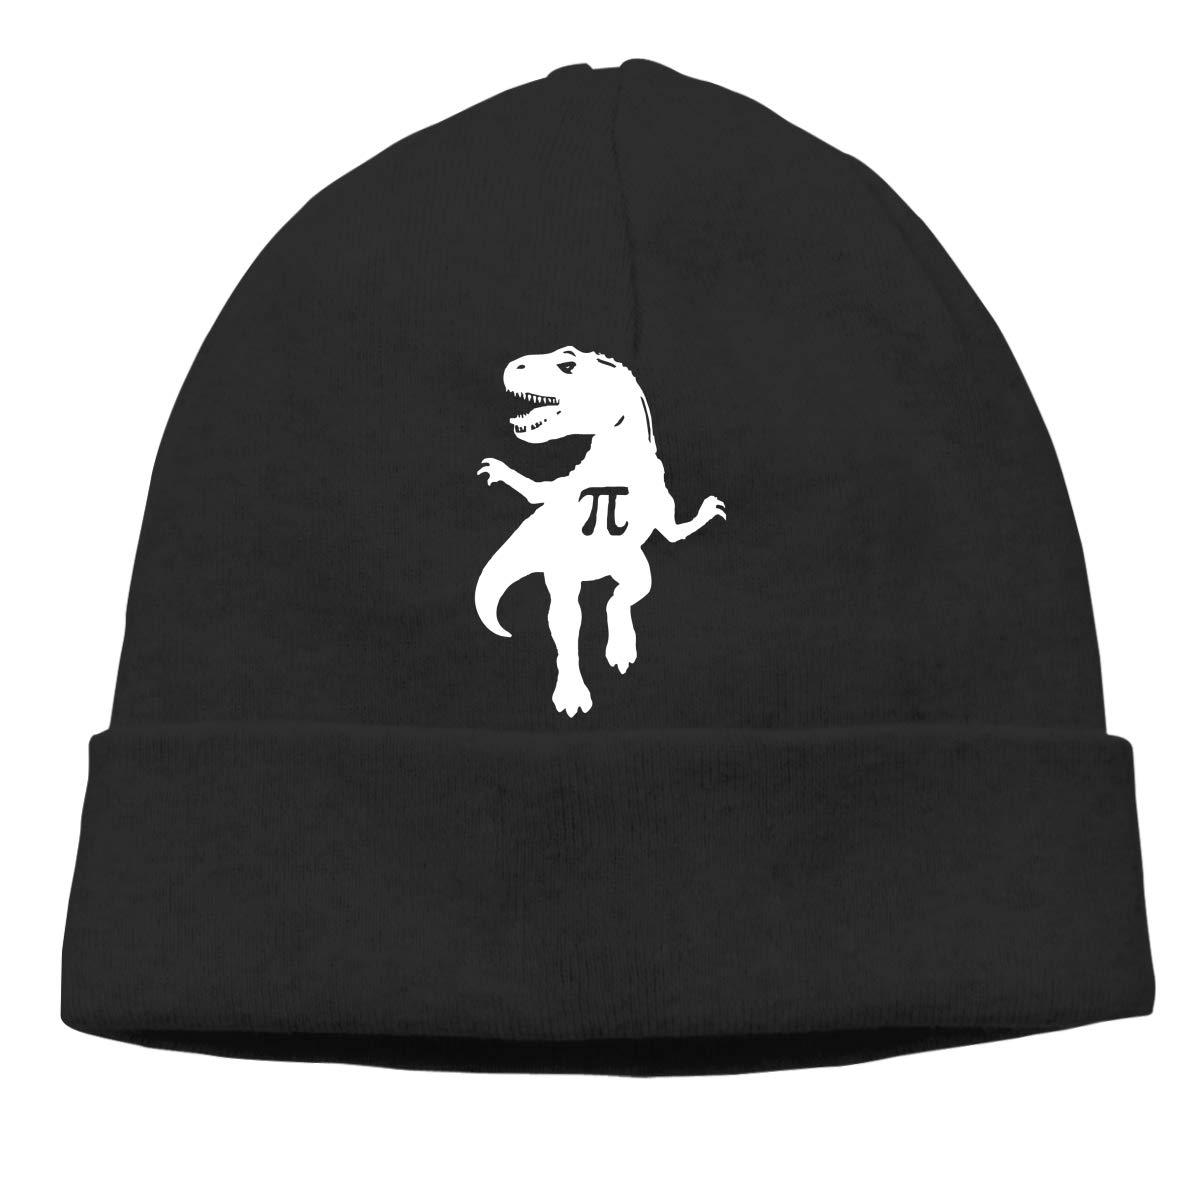 GDSG5/&4 Raptor Moon Men Women Thick Winter Ski Skull Cap